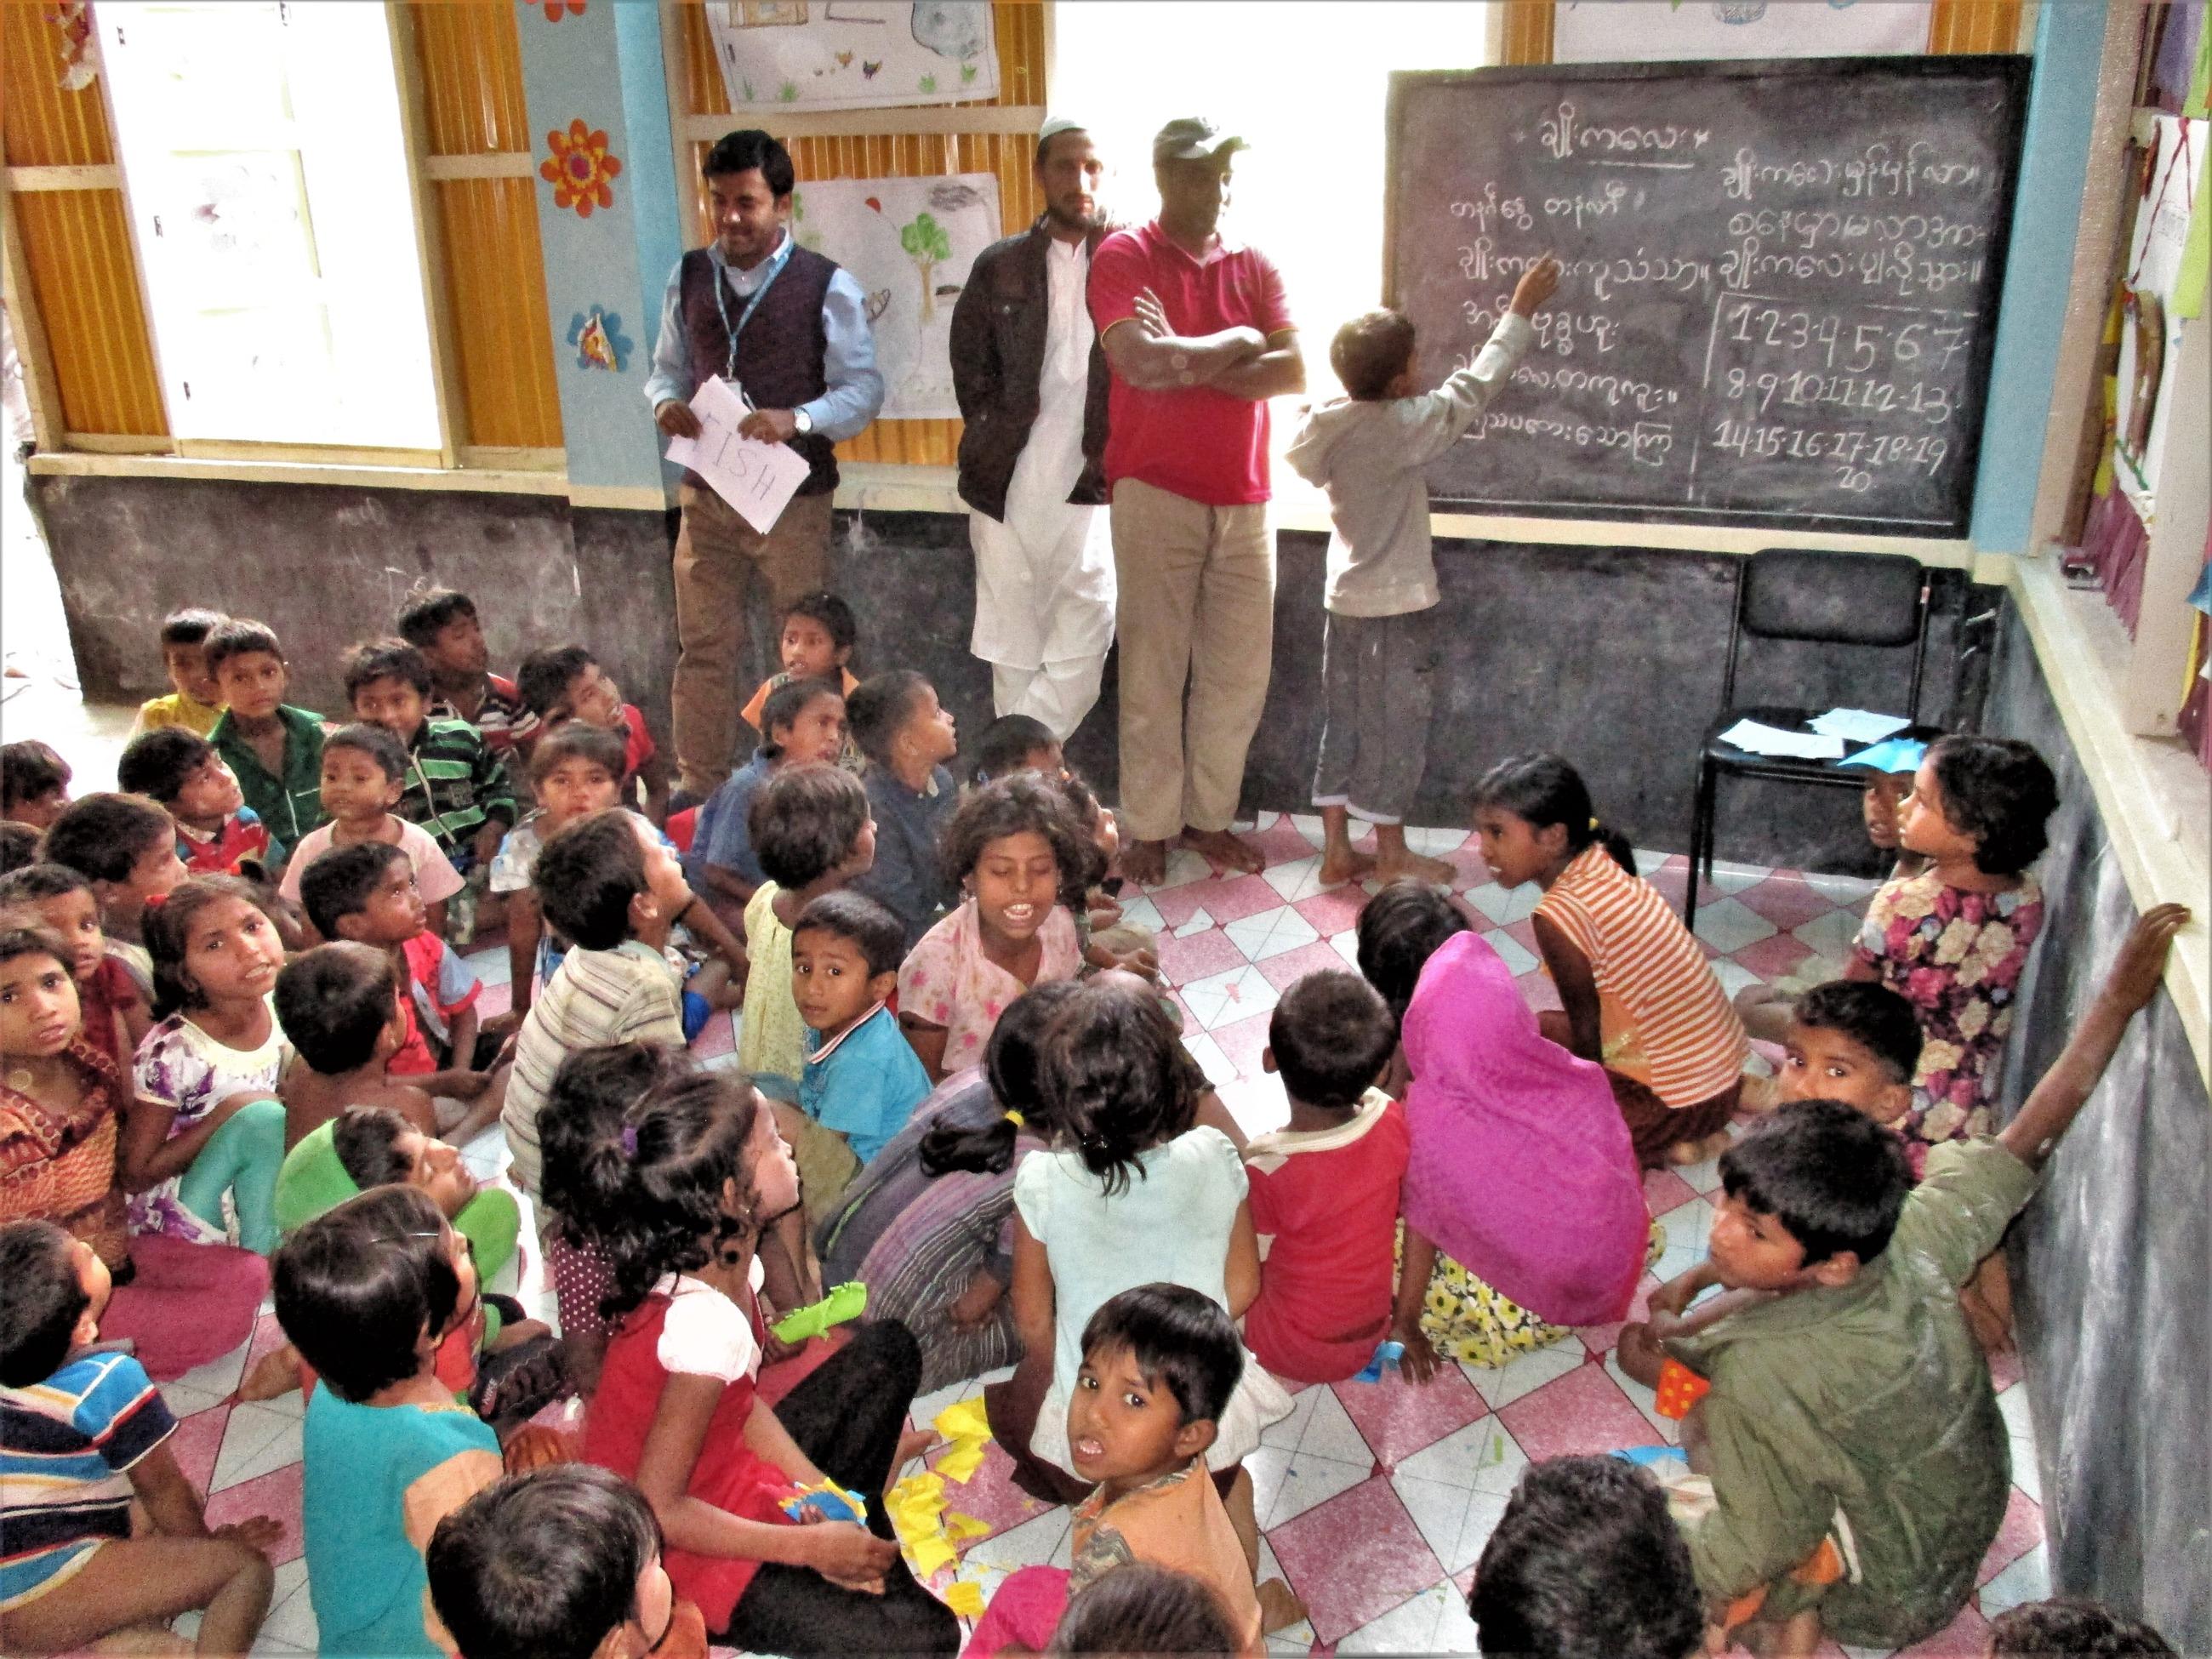 教室に多くの子供たちが集まり、男の子が黒板に何か書いている。